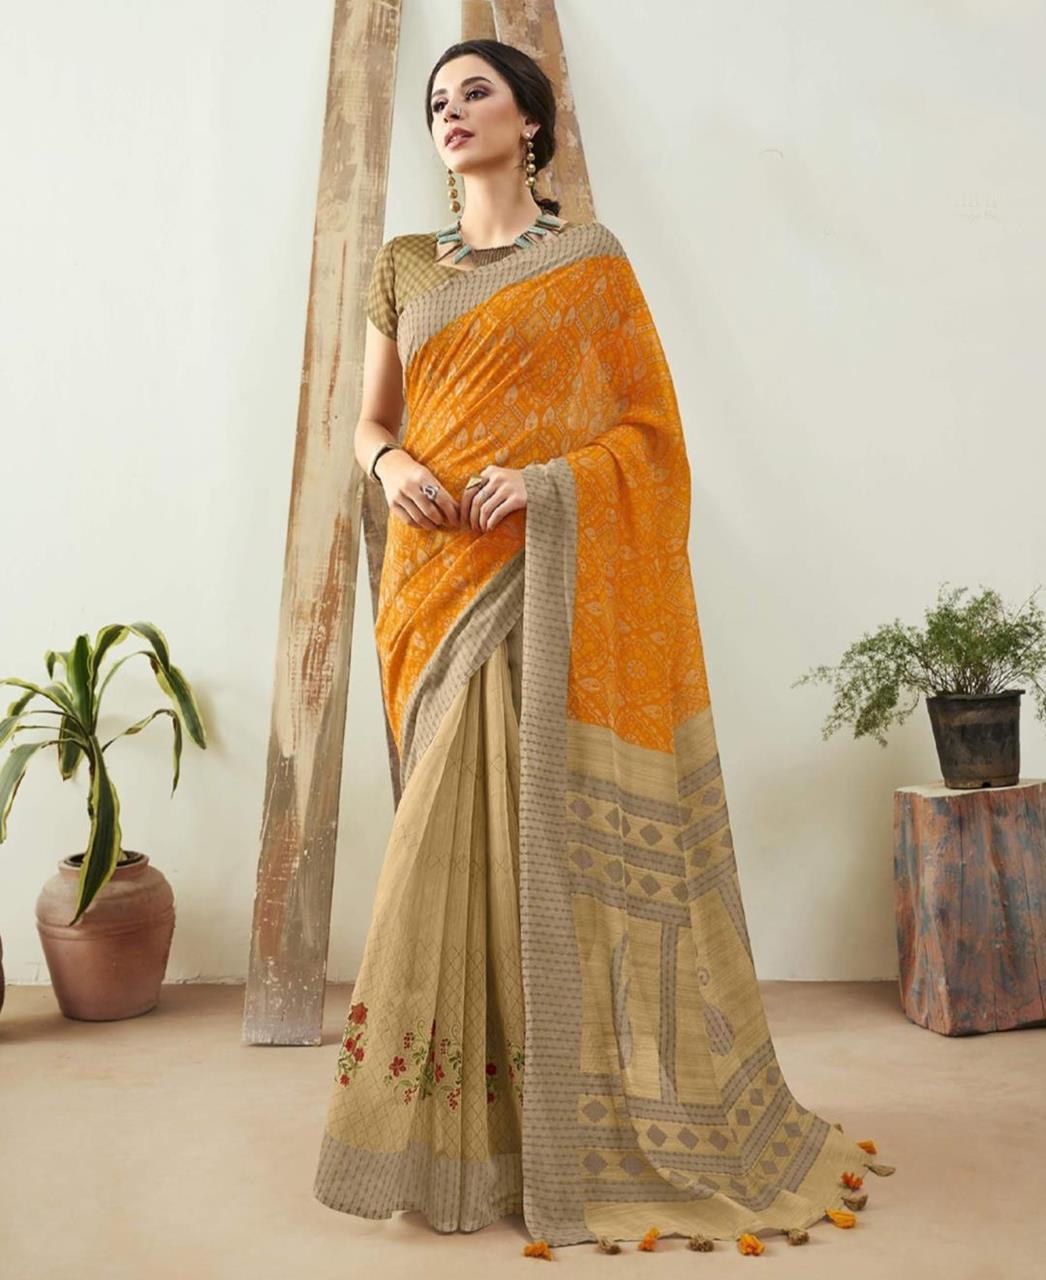 Printed Cotton Saree in Orange